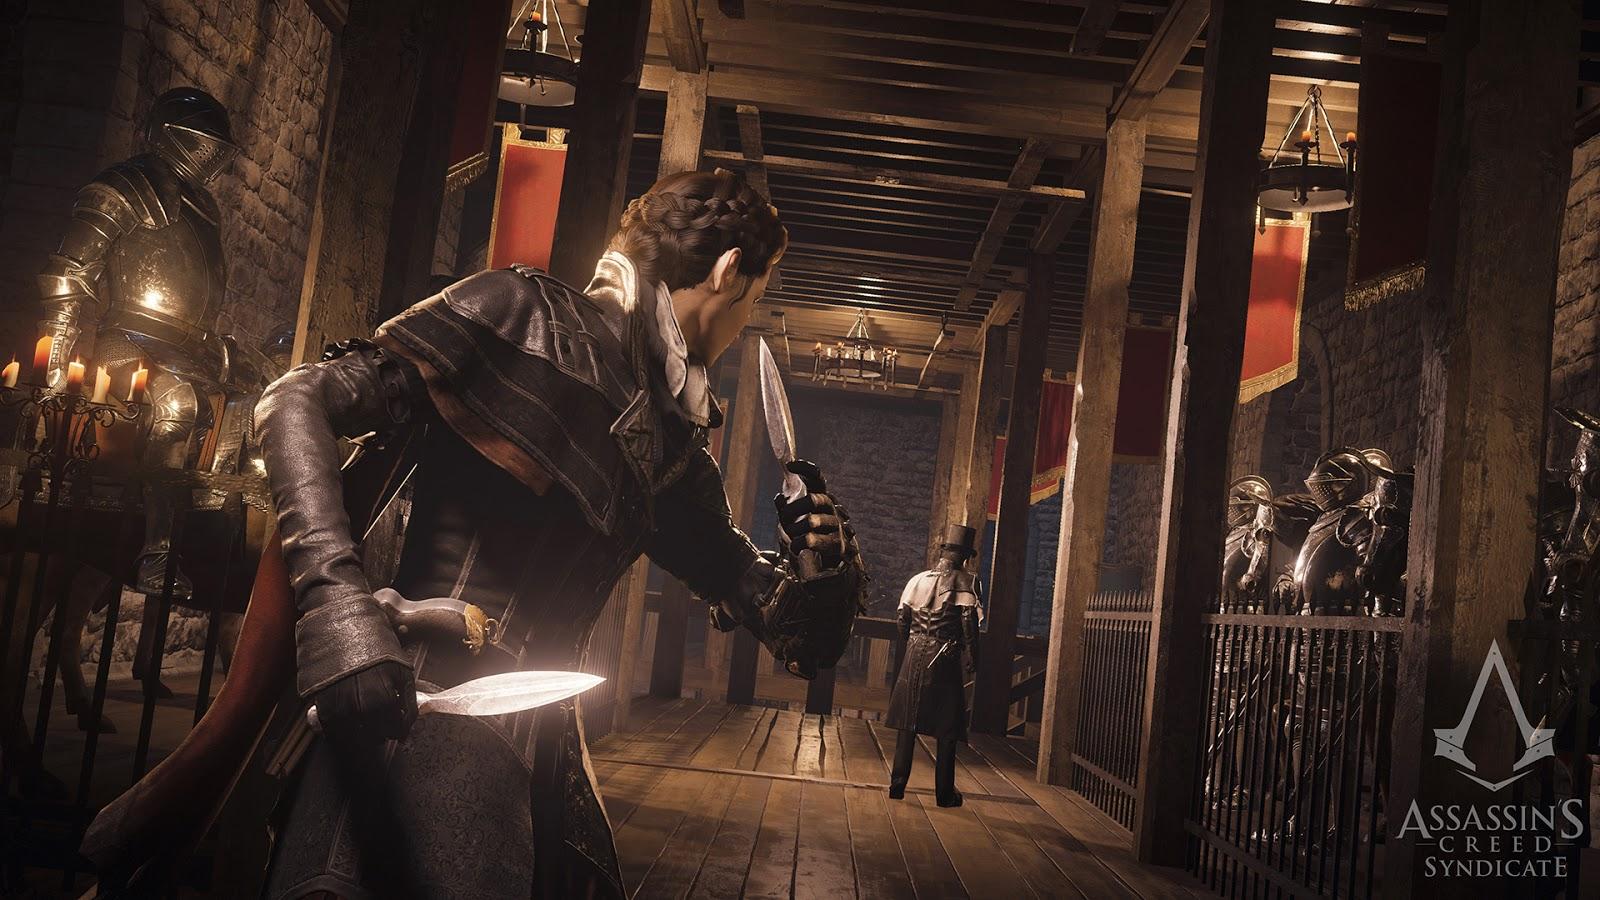 Gamescom 2015 Ac Syndicate Trailer And Screenshots Drm Gamecast